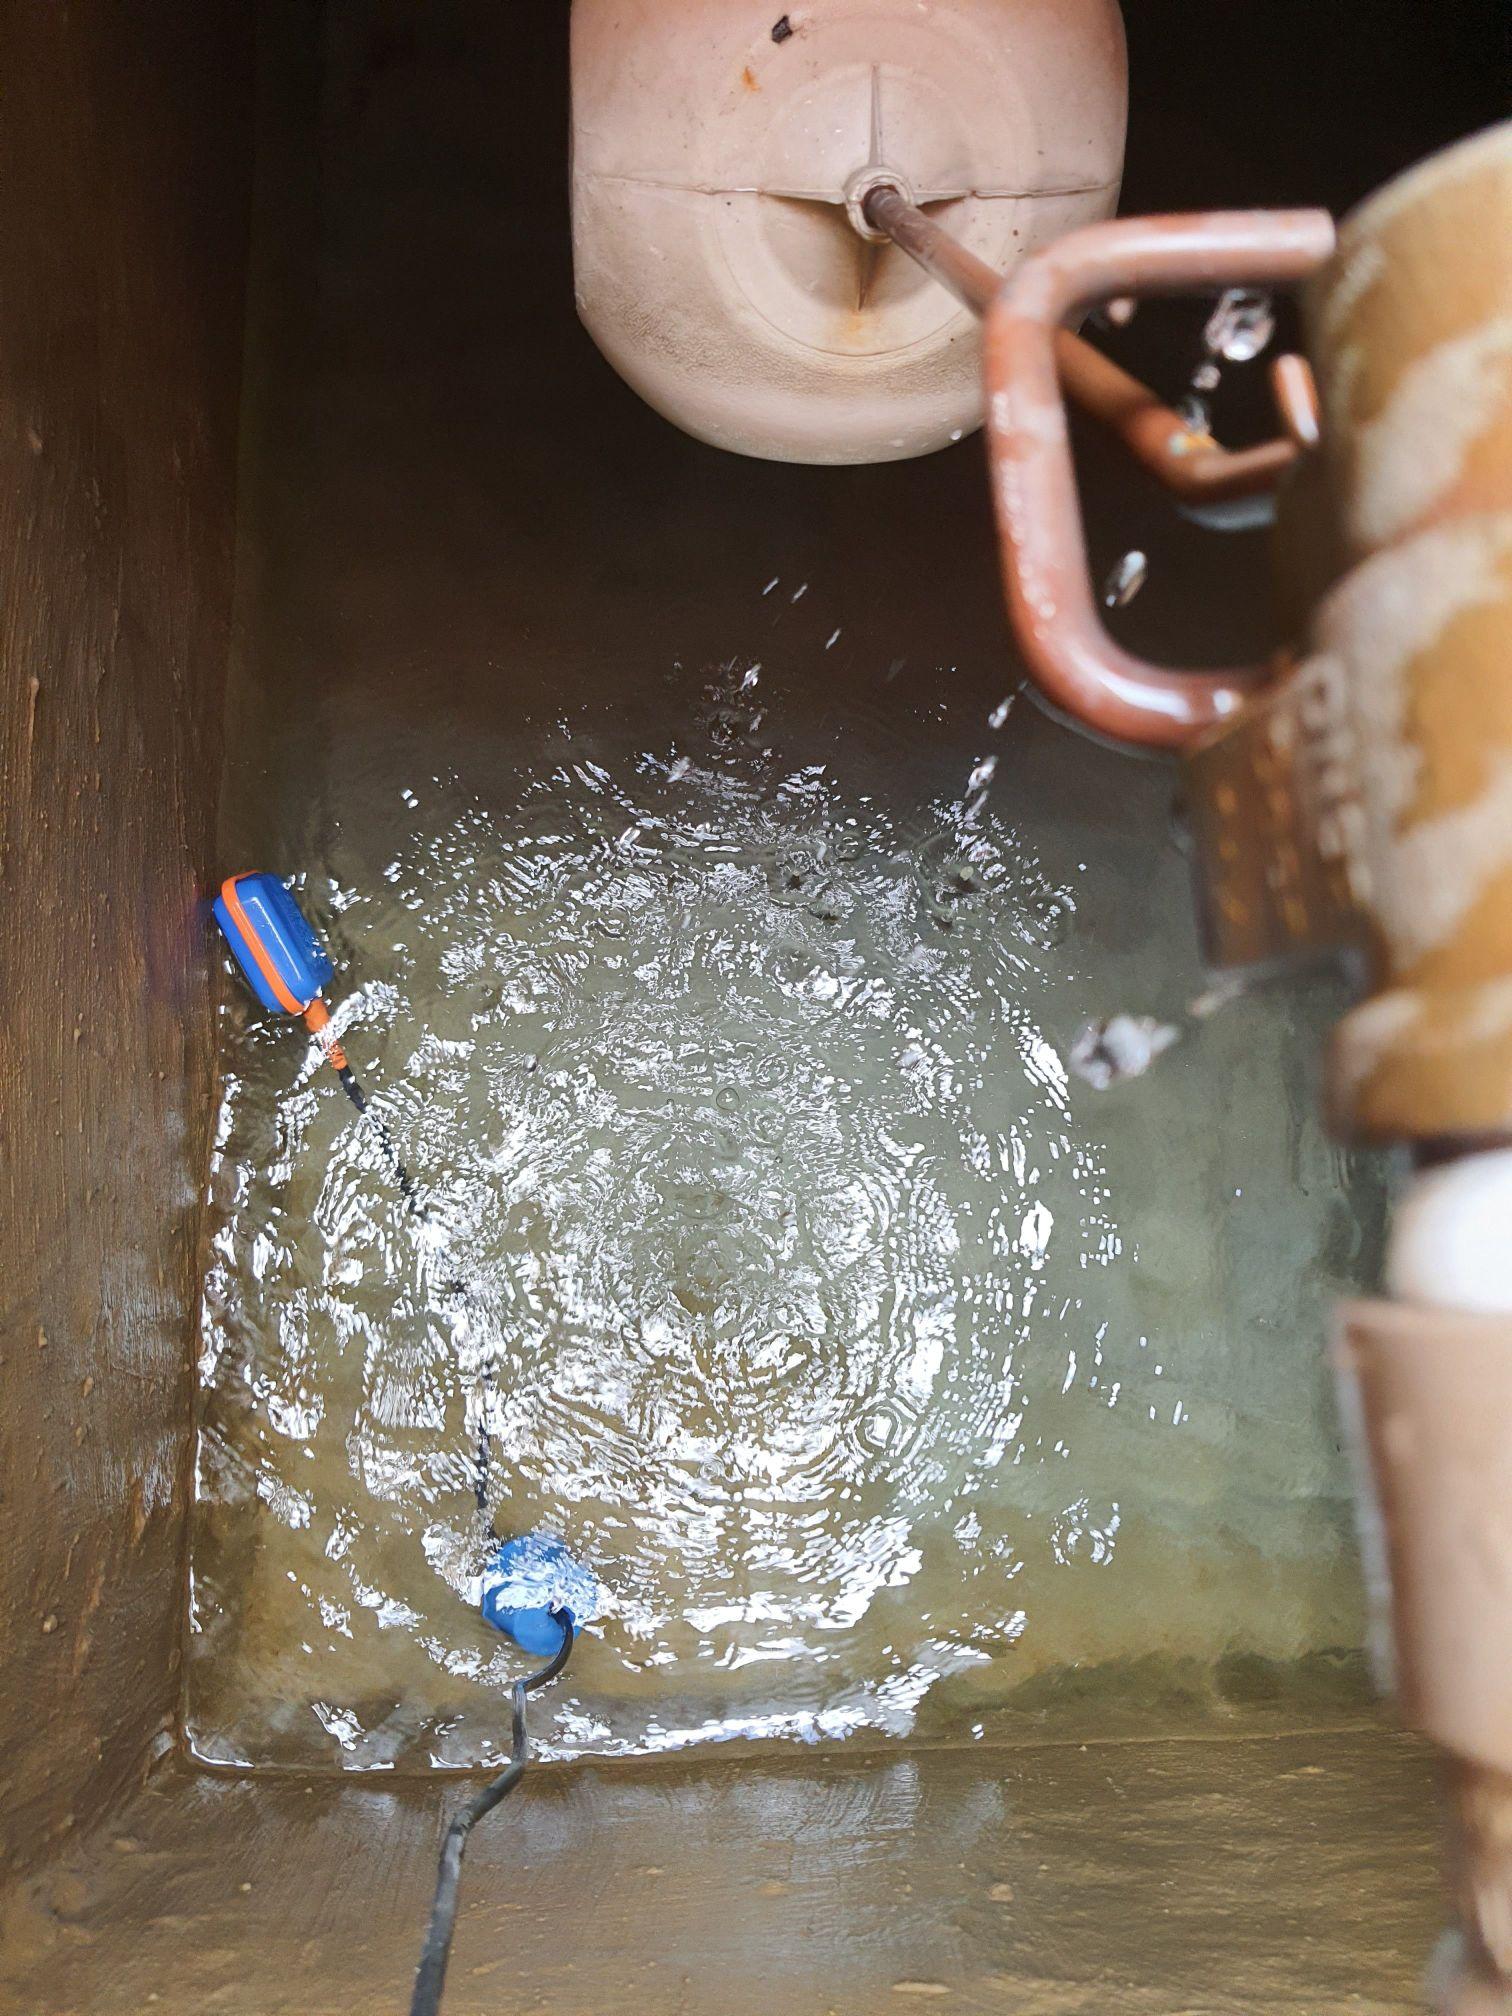 Caixa dagua do predio após limpeza